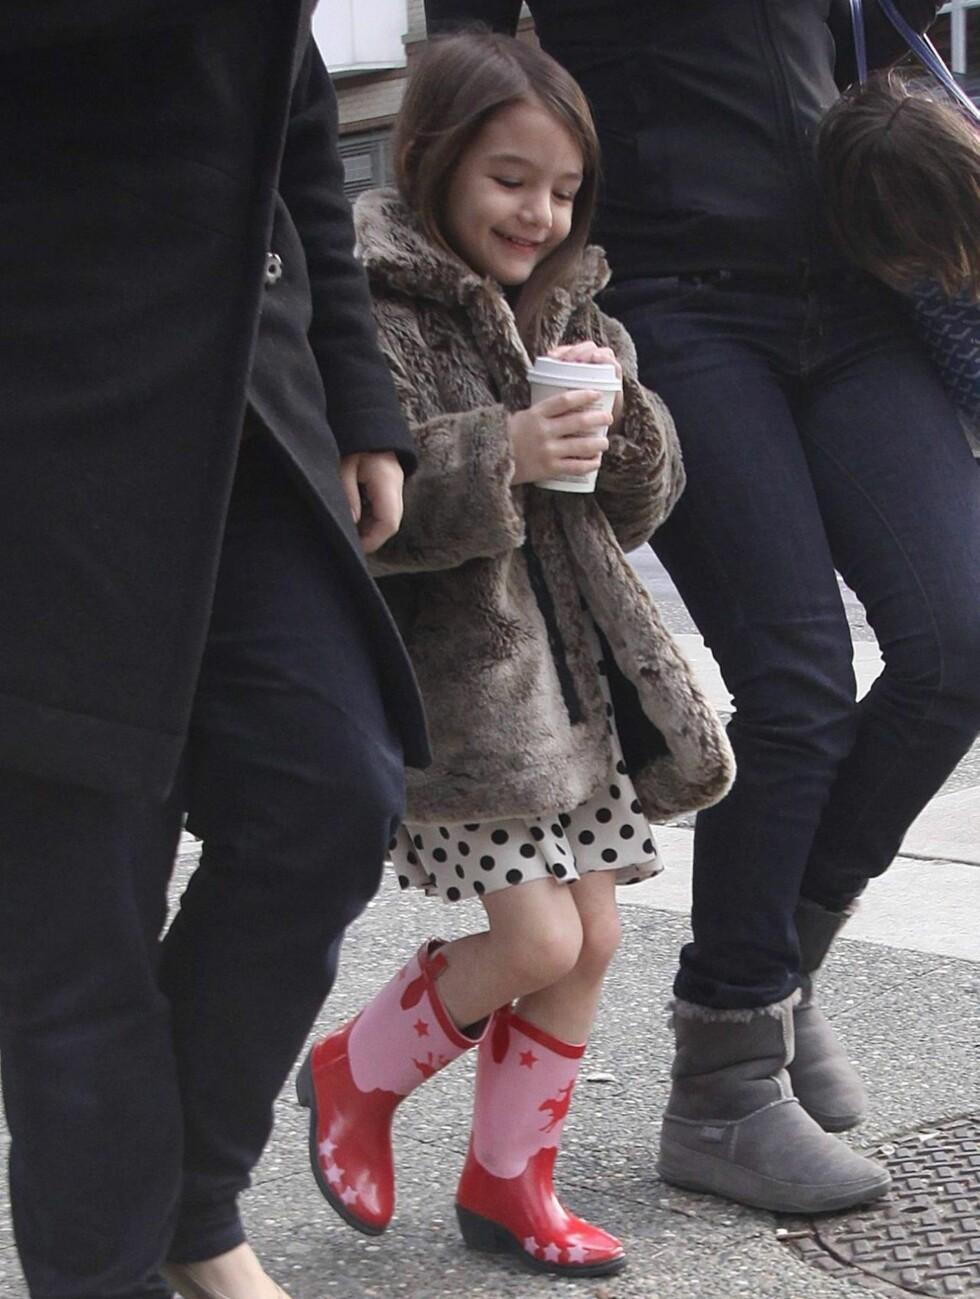 VOKSEN STIL: Til å bare være fem år, har Suri en voksen klesstil. Foto: All Over Press